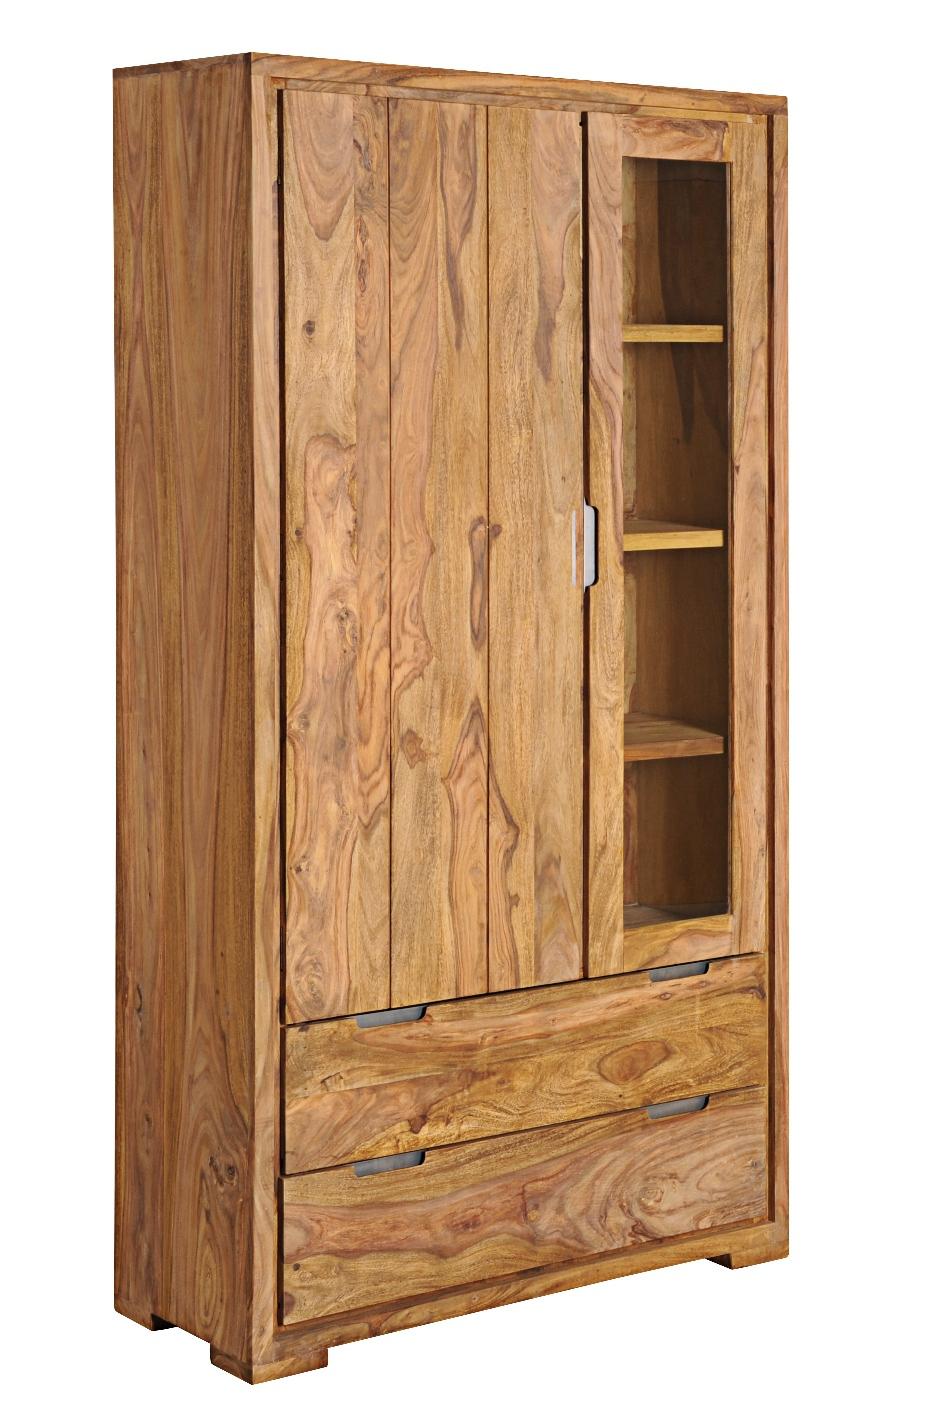 vitrinenschr nke vitrinen flamme. Black Bedroom Furniture Sets. Home Design Ideas